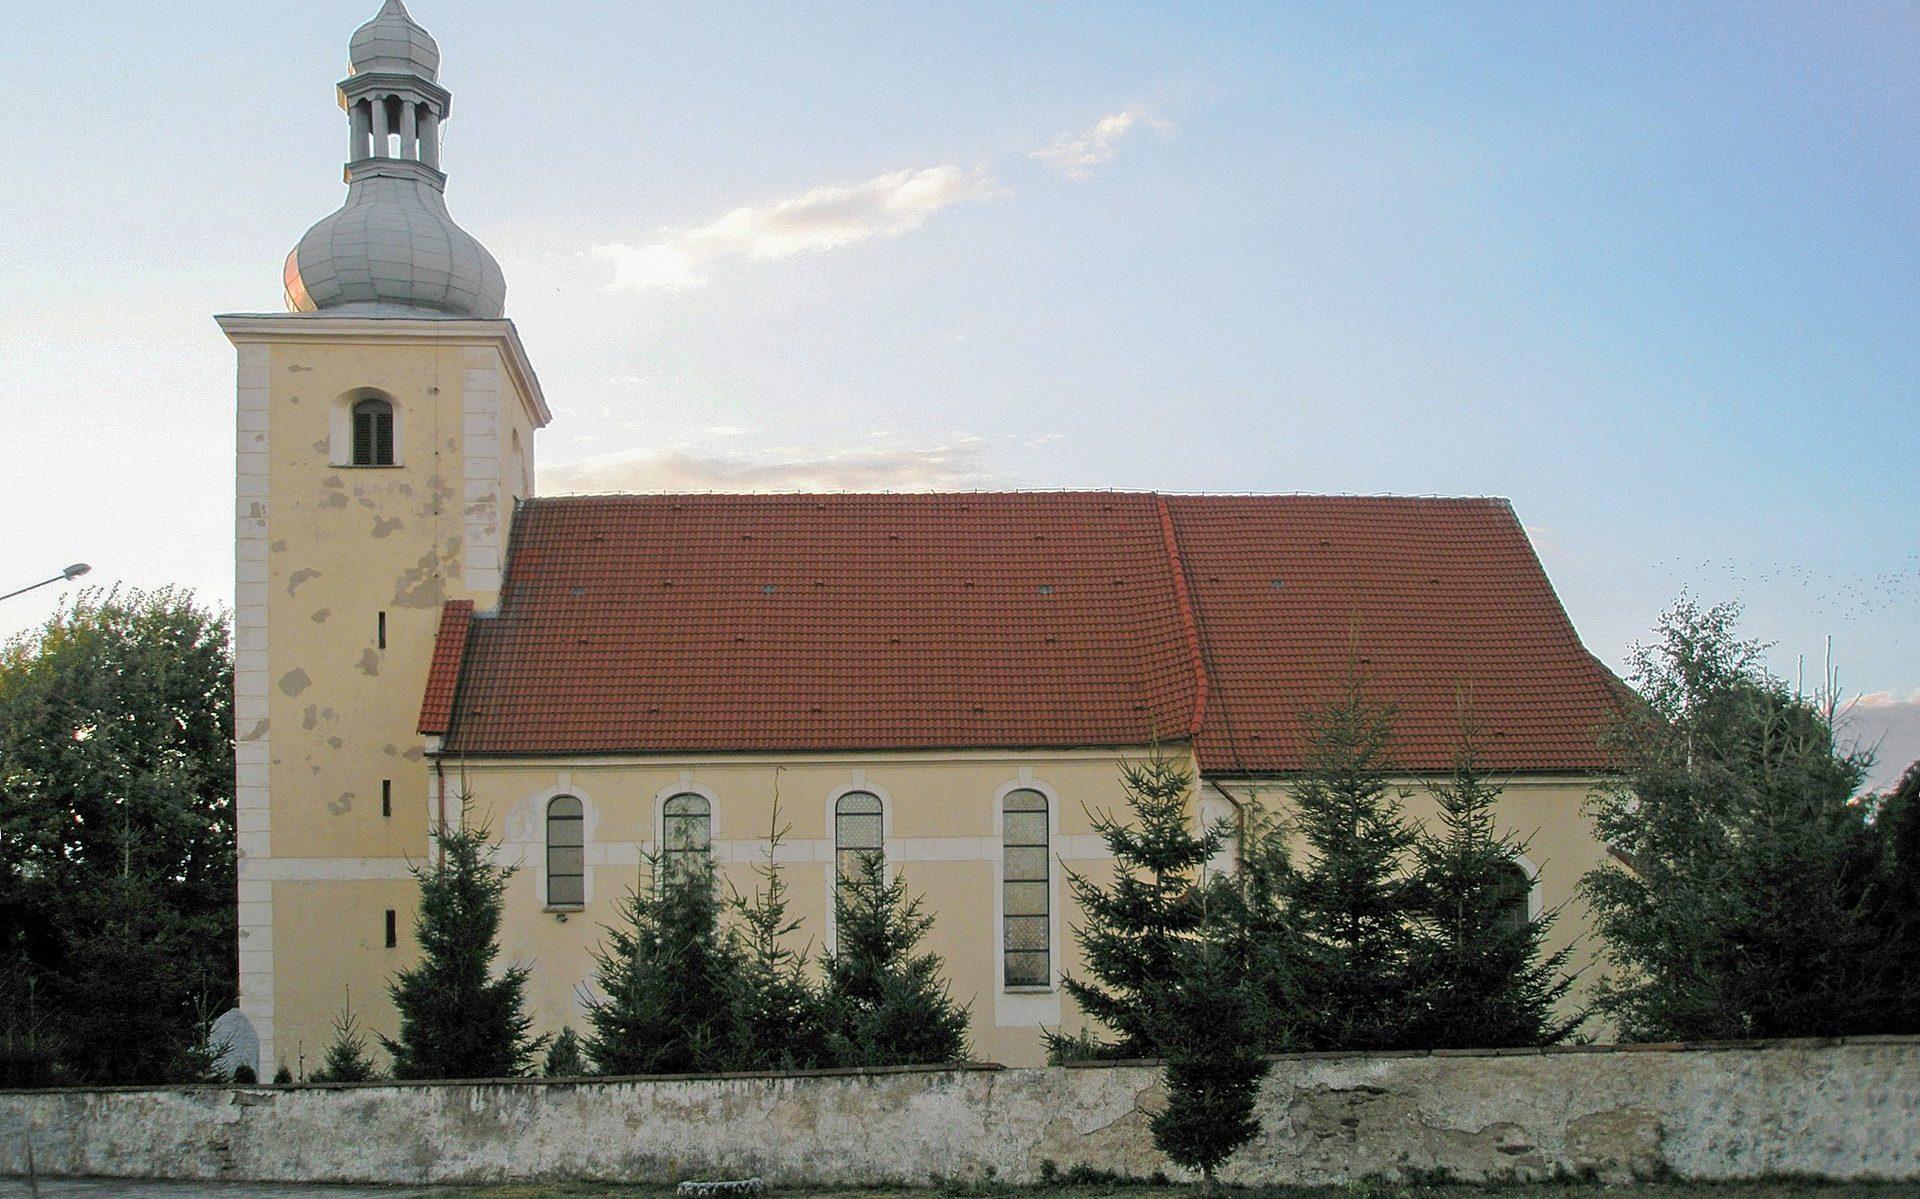 Ciepłowody Kościół pw. Niepokalanego Poczęcia Najświętszej Marii Panny